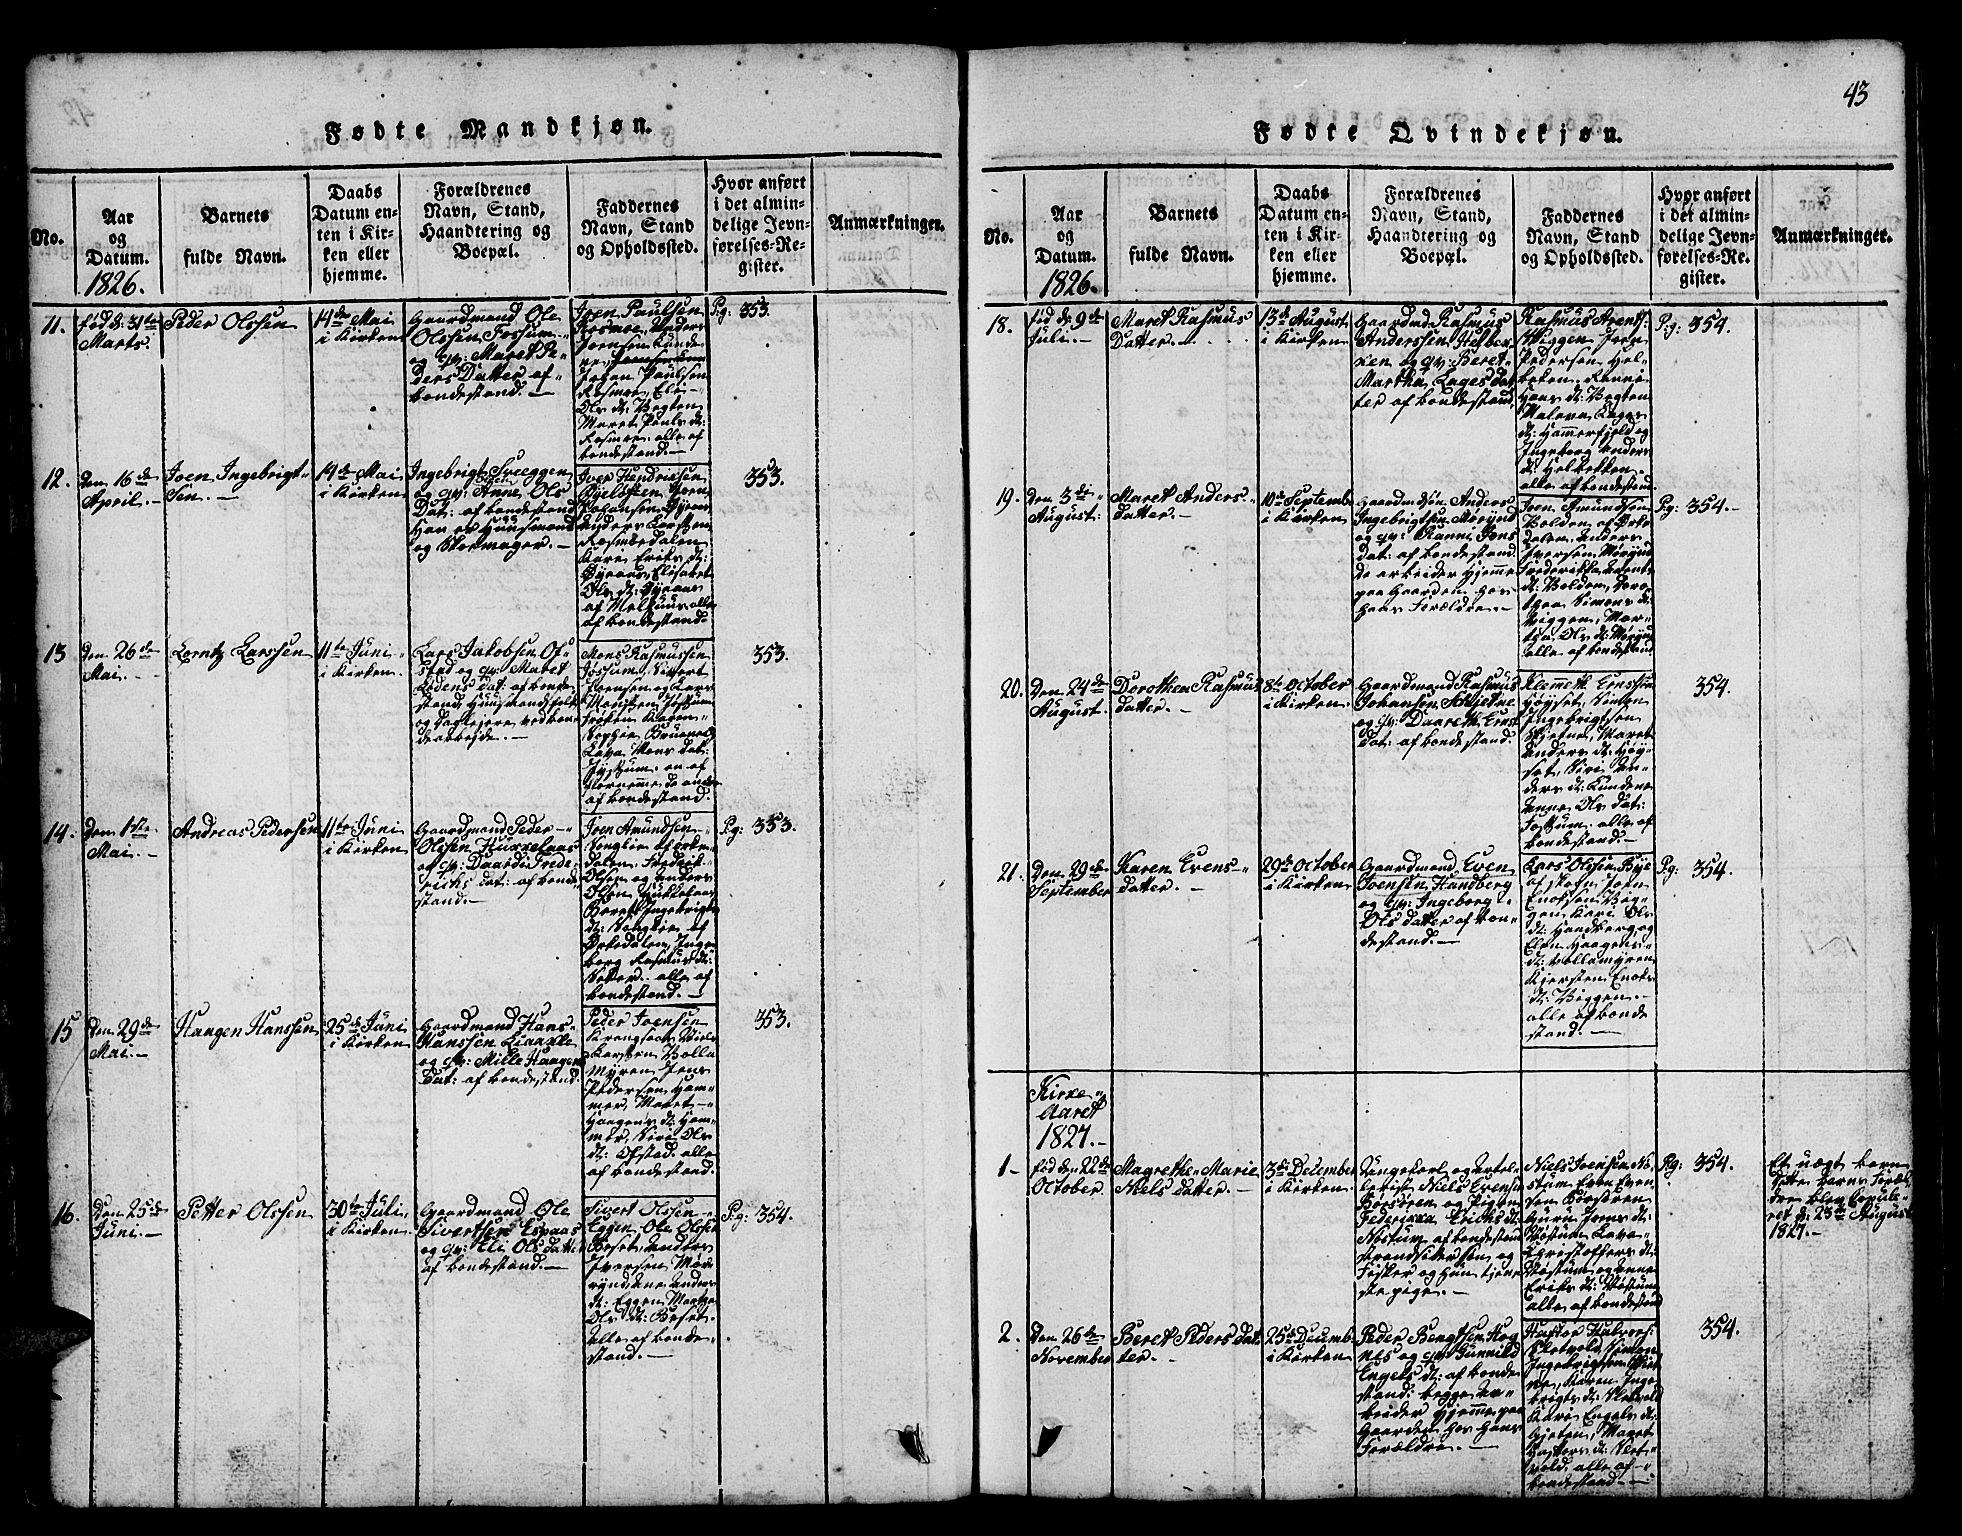 SAT, Ministerialprotokoller, klokkerbøker og fødselsregistre - Sør-Trøndelag, 665/L0776: Klokkerbok nr. 665C01, 1817-1837, s. 43